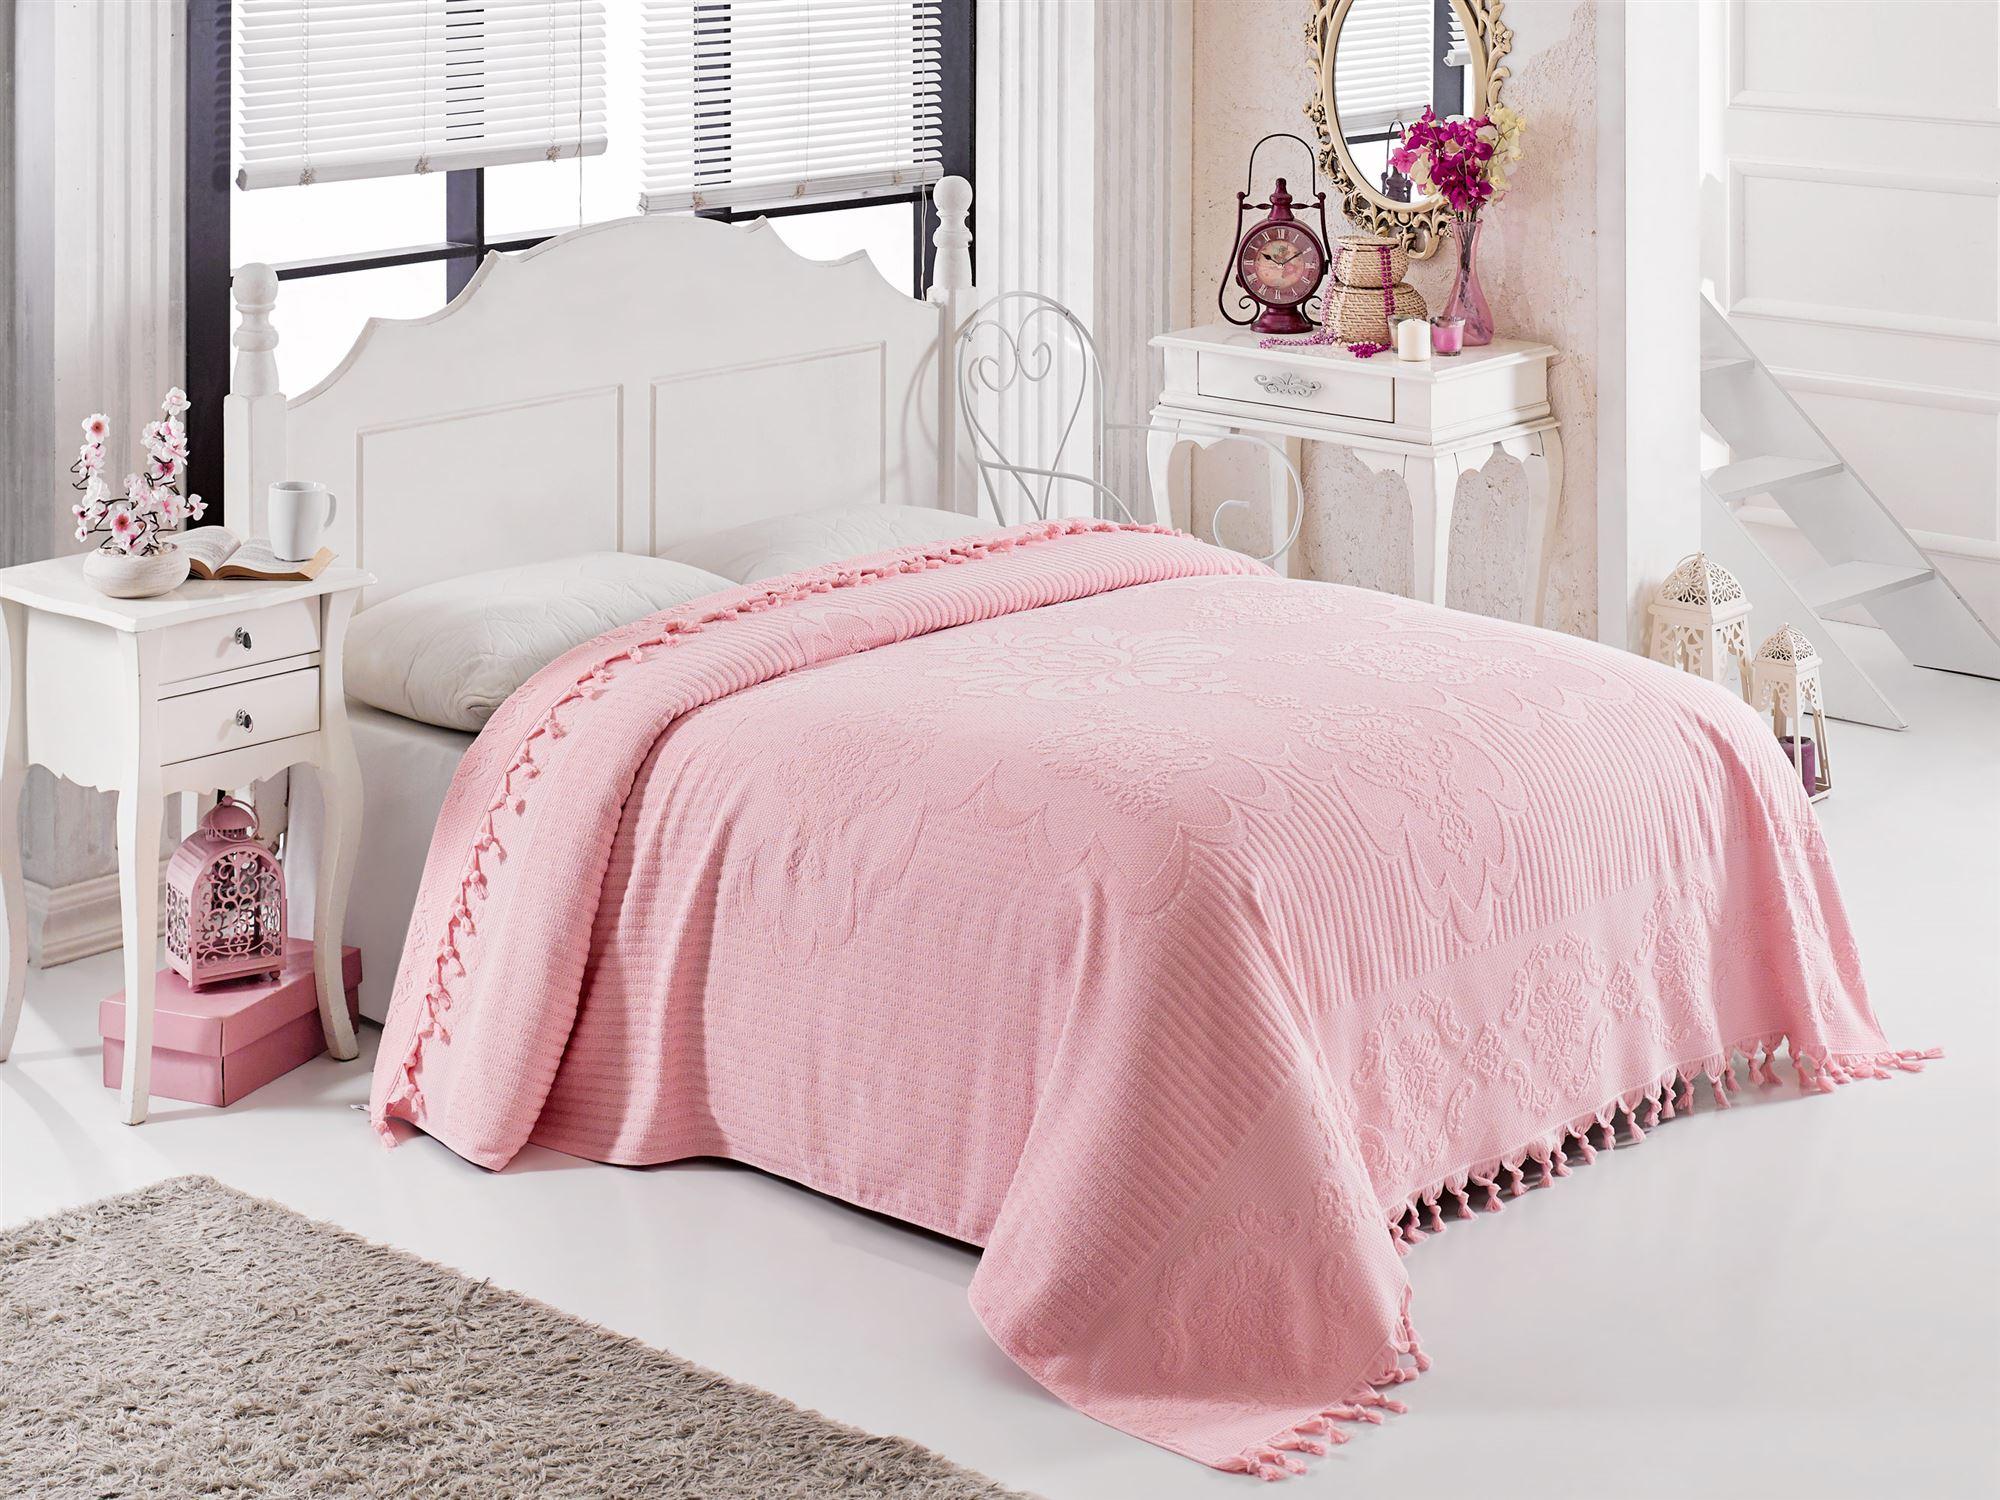 Купить Простыни Philippus, Покрывало-простыня Matilda Цвет: Розовый (200х220 см), Турция, Хлопковая махра